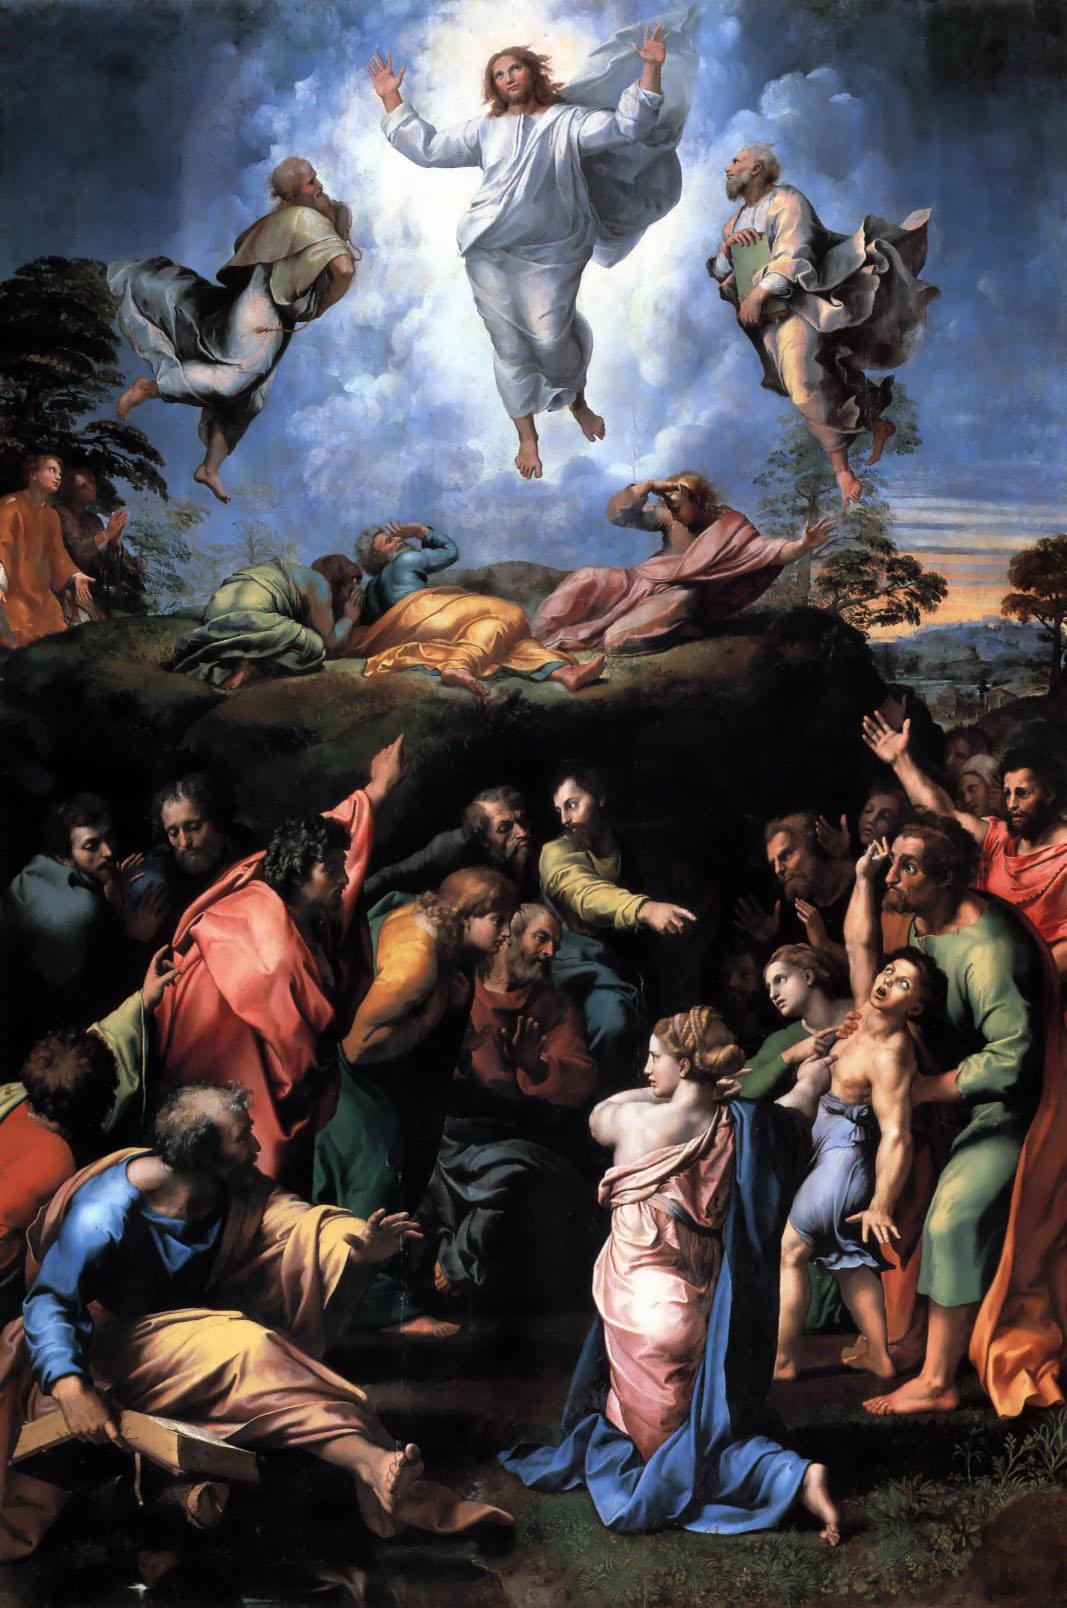 Преображение рафаэль санти галерея ватикана